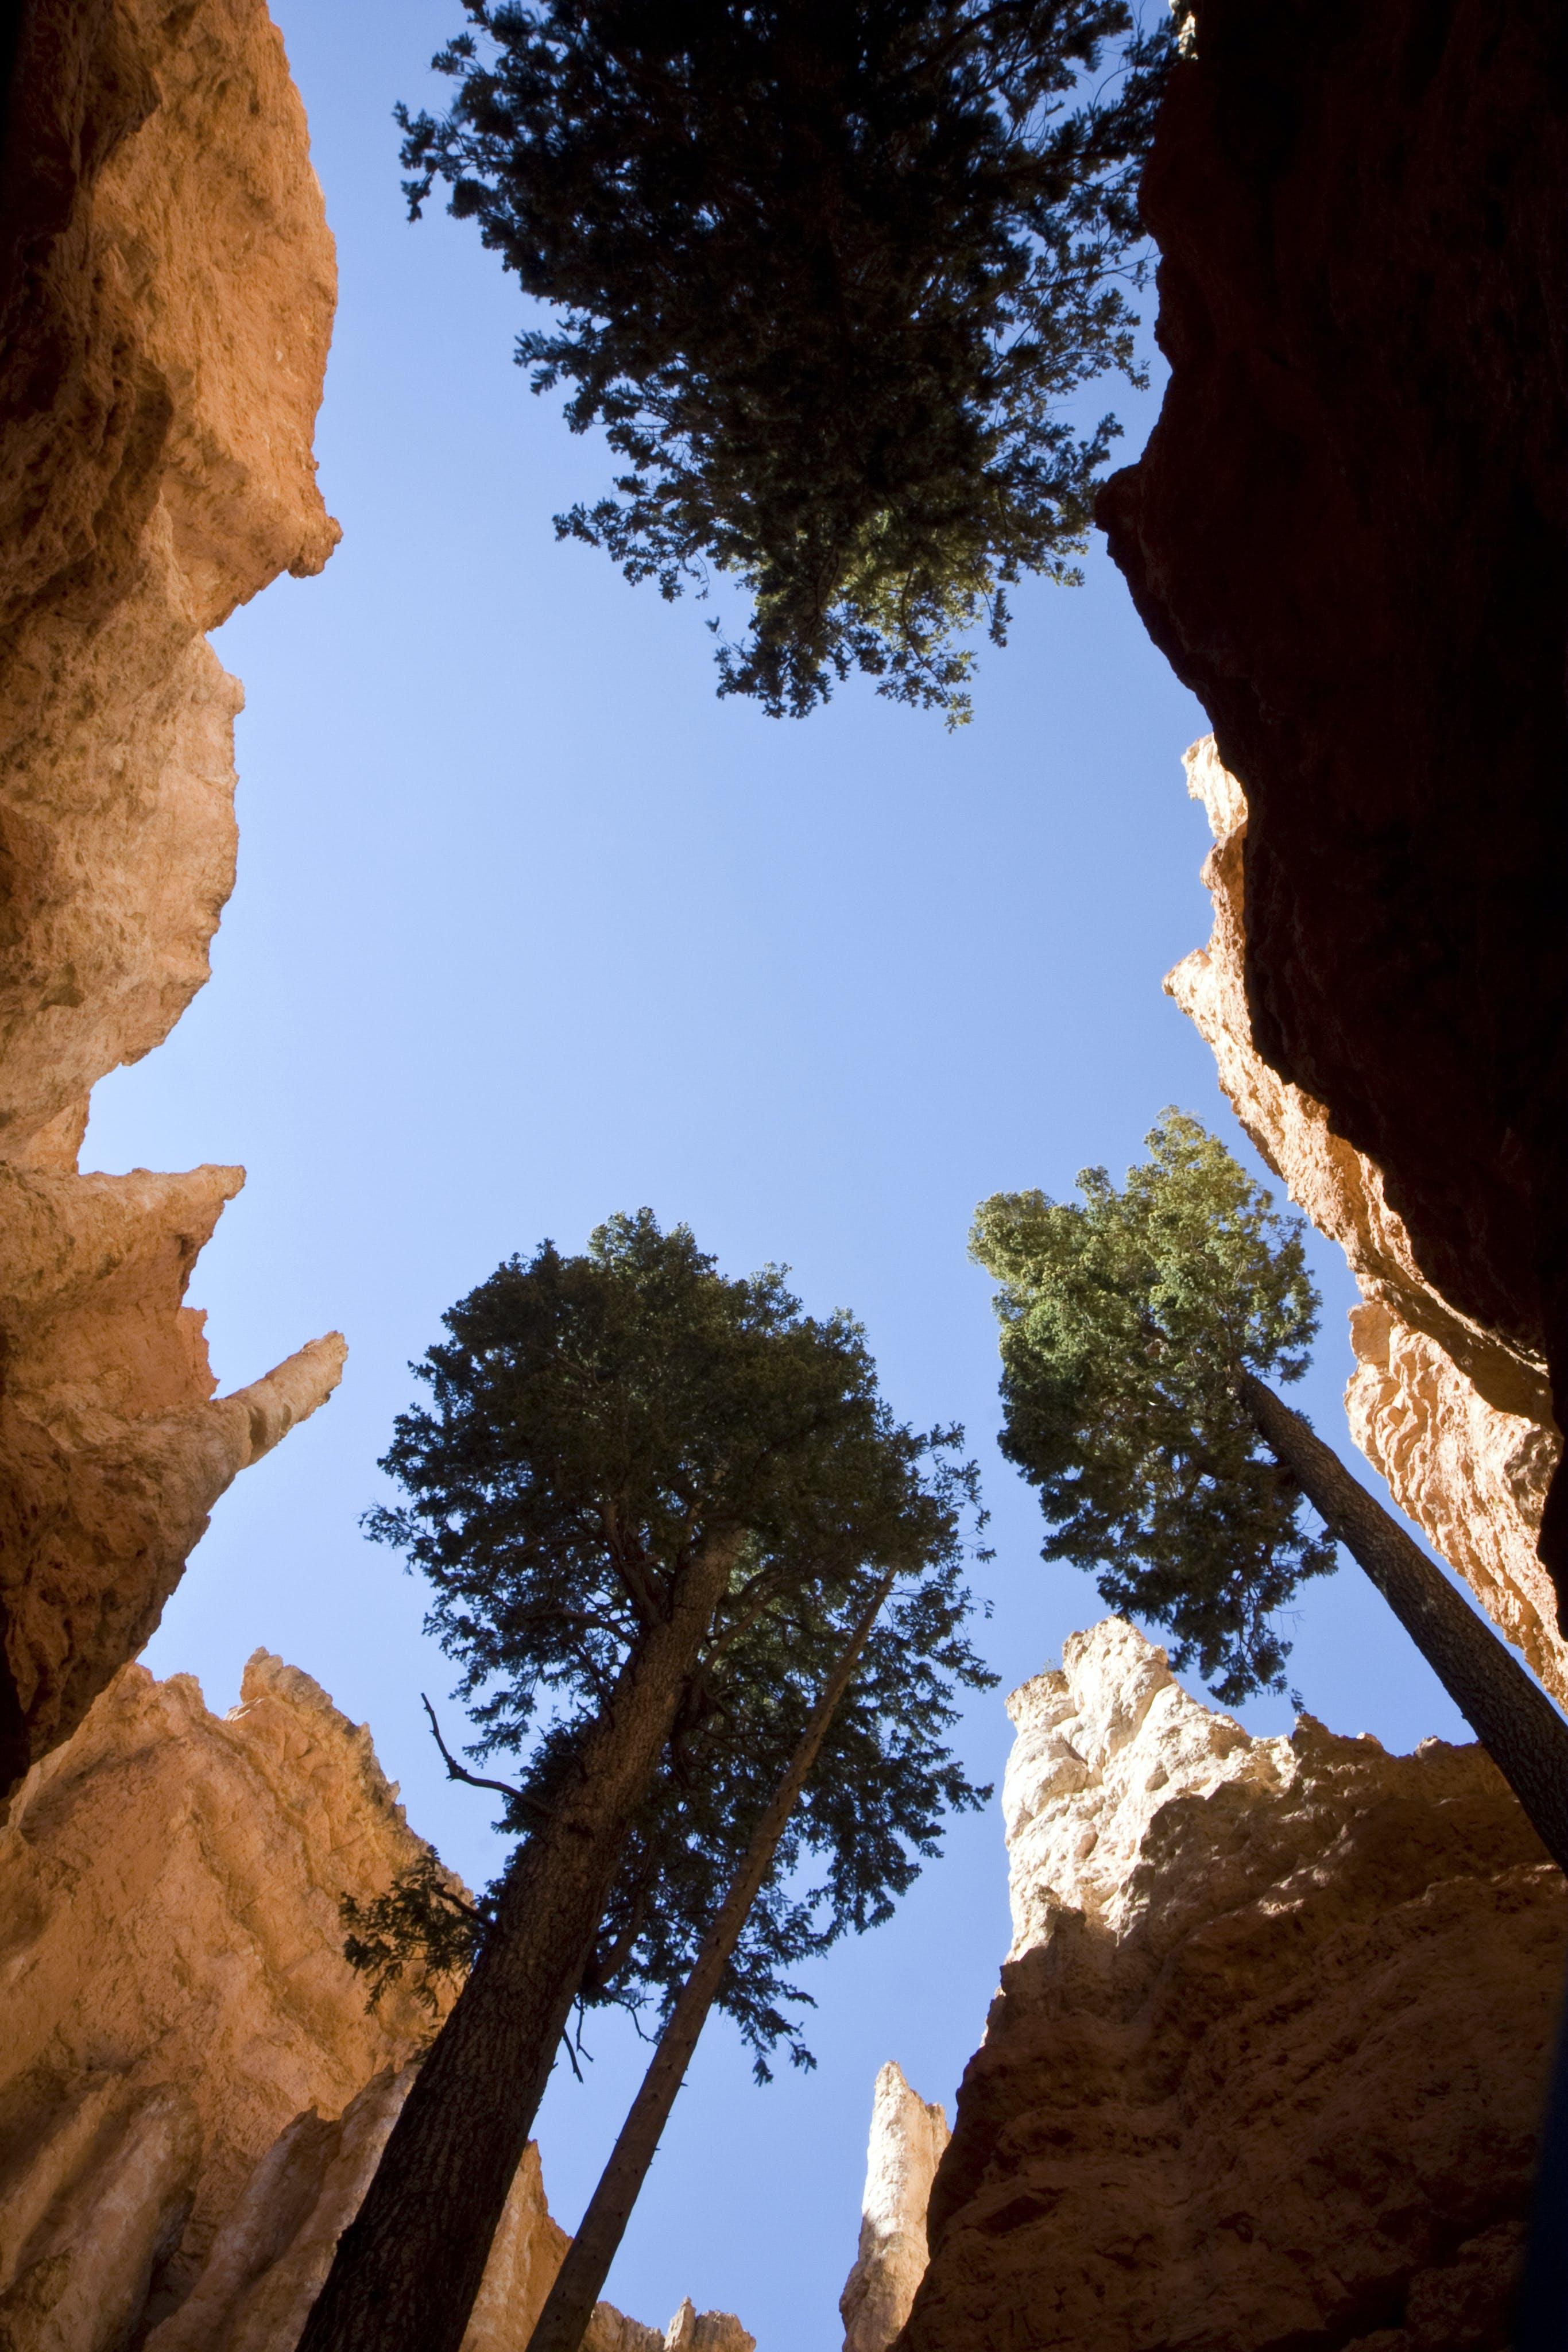 abenteuer, aufnahme von unten, bäume